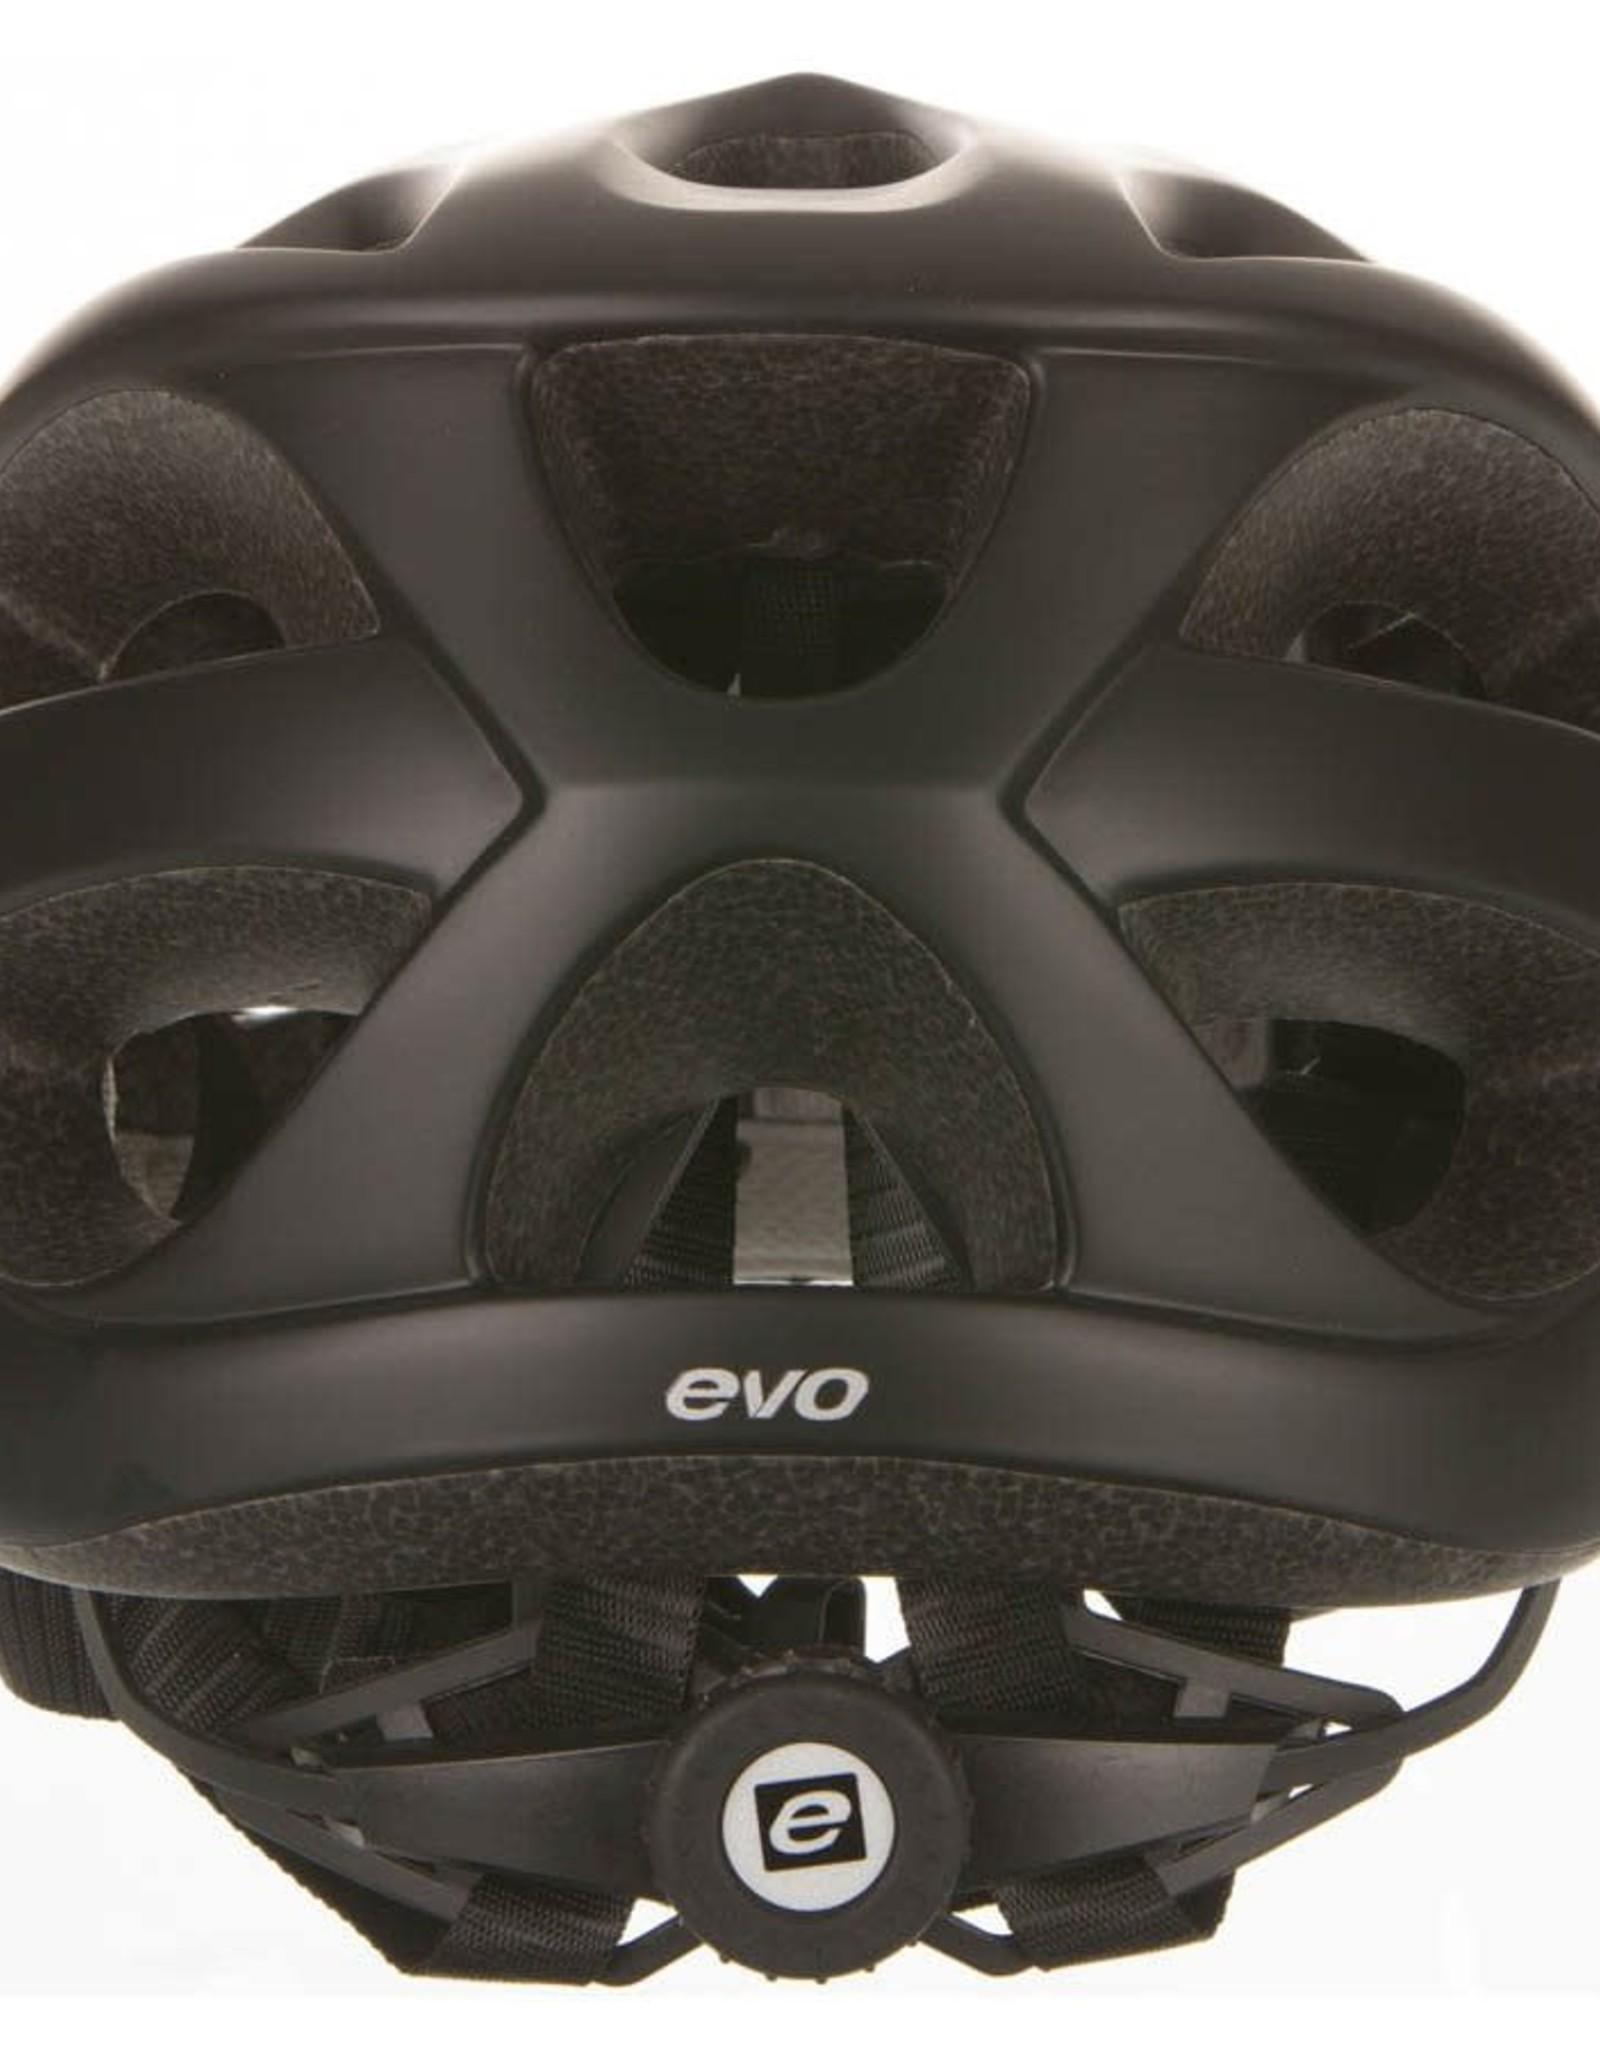 EVO EVO, Flipshot, Casque, Noir, SM, 51 - 55cm